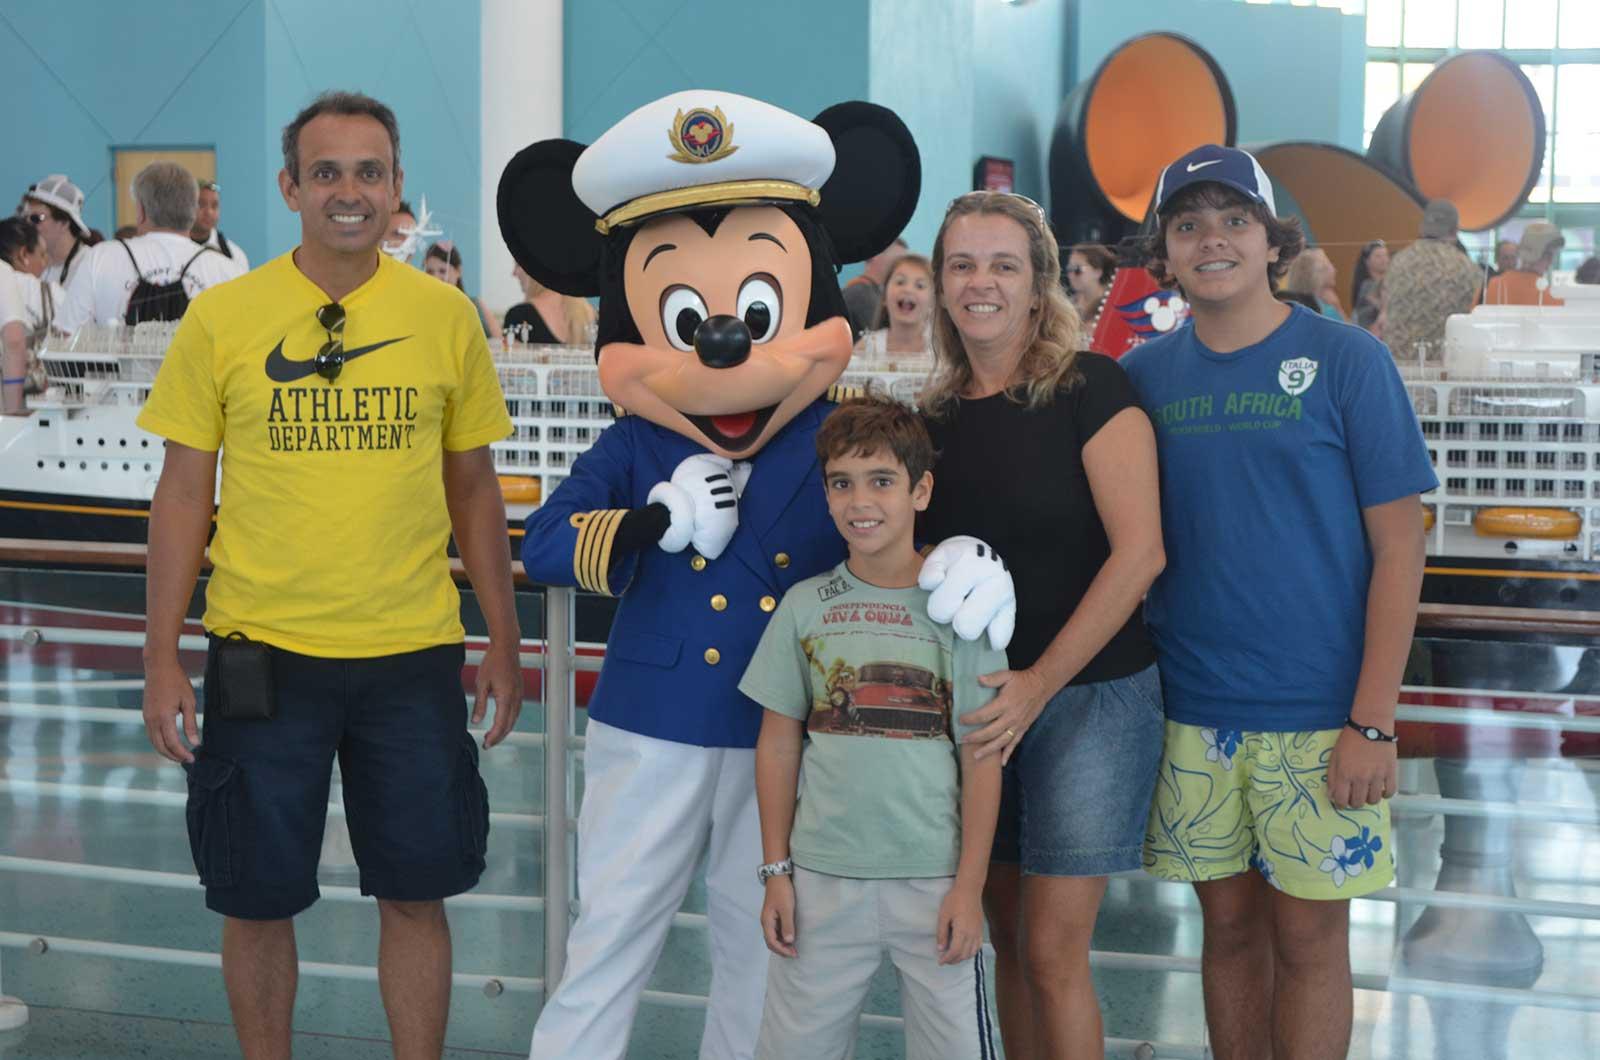 Tudo sobre o cruzeiro Disney Dream  de 3 noites que vai da Flórida até as Bahamas